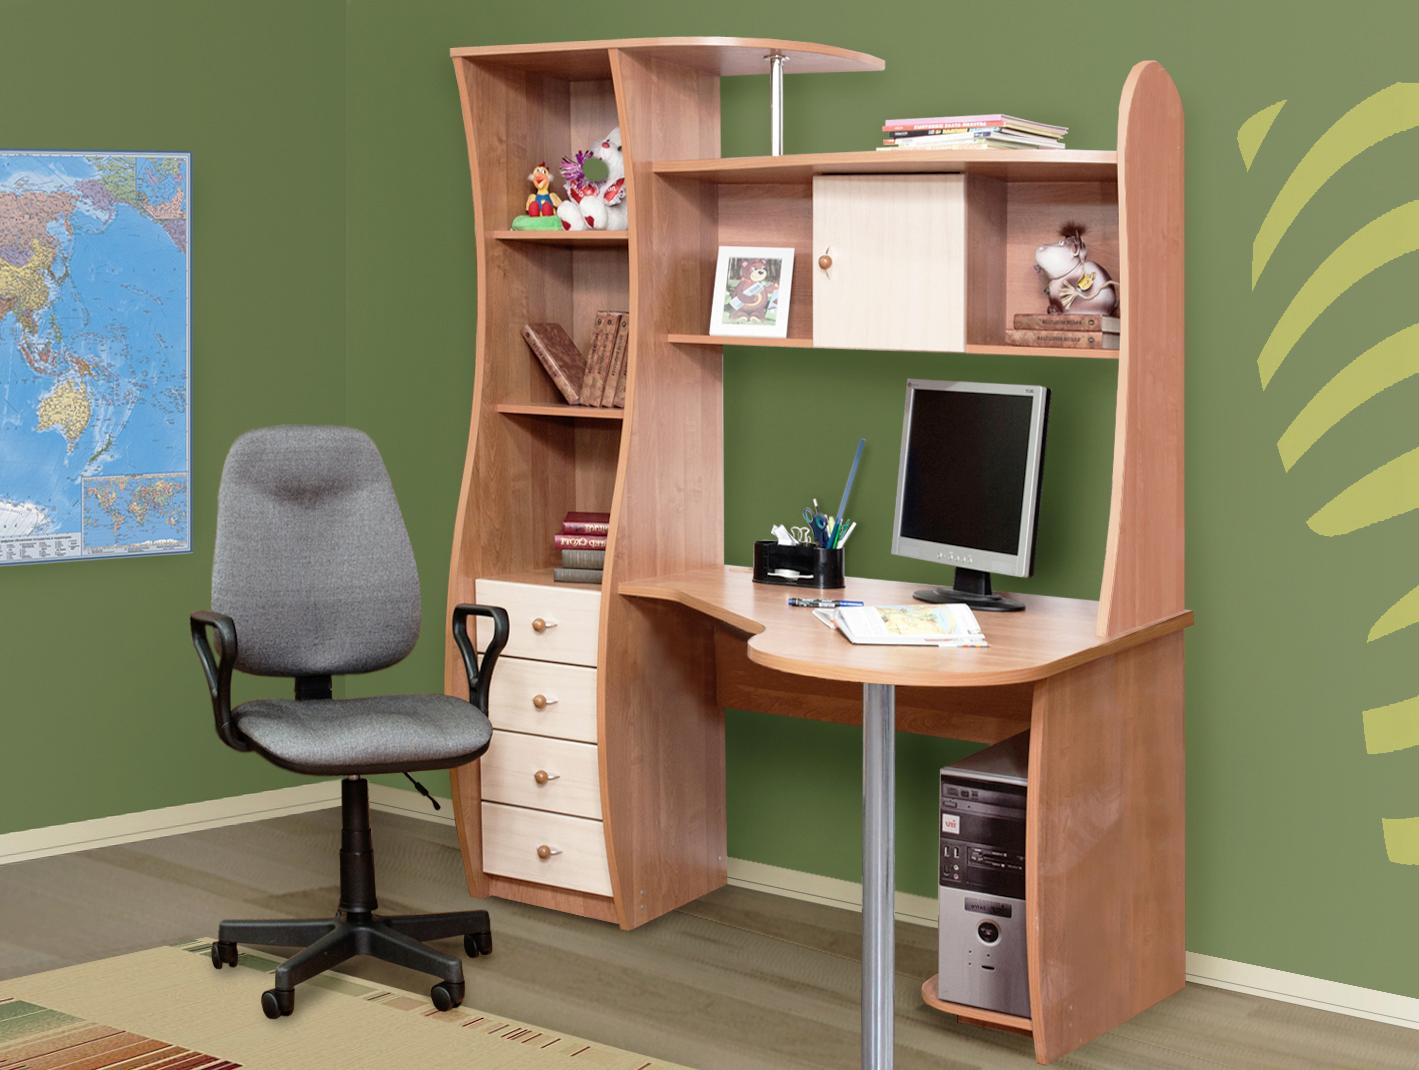 Стол компьютерный архимед (радо) , фото. цена - 11499.00 руб.